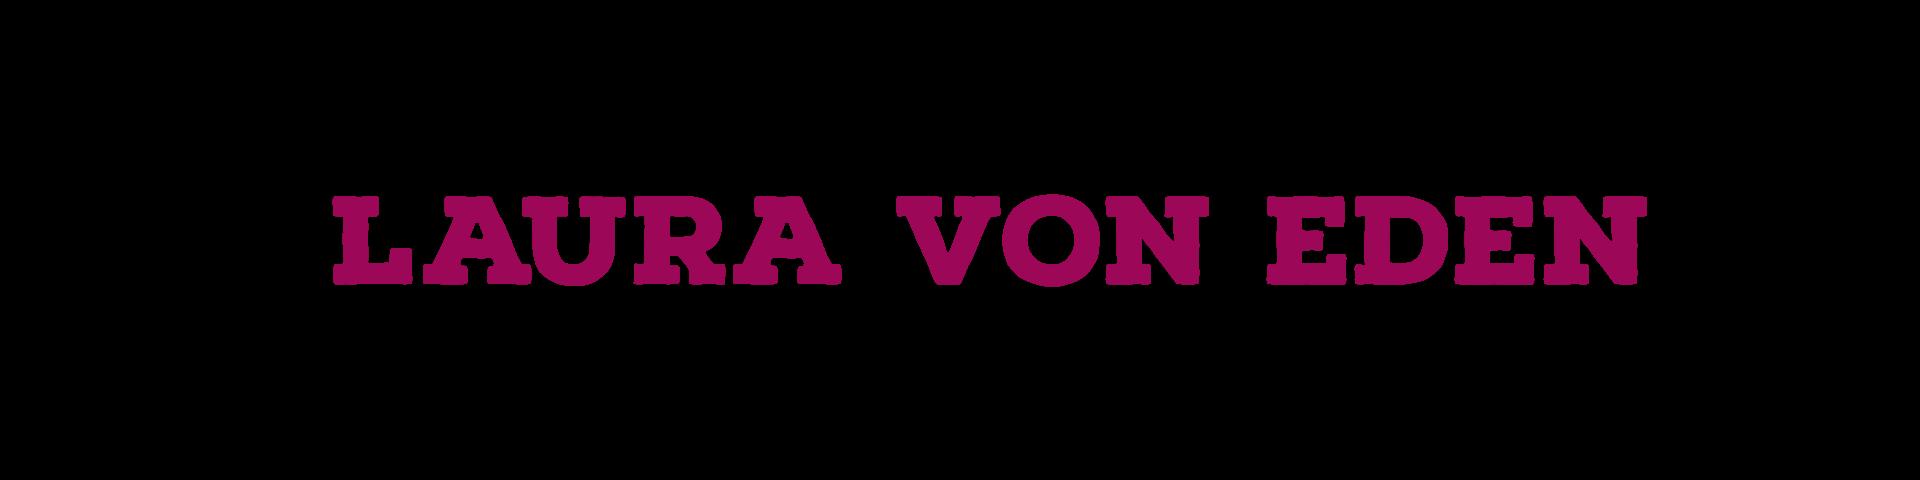 Laura von Eden